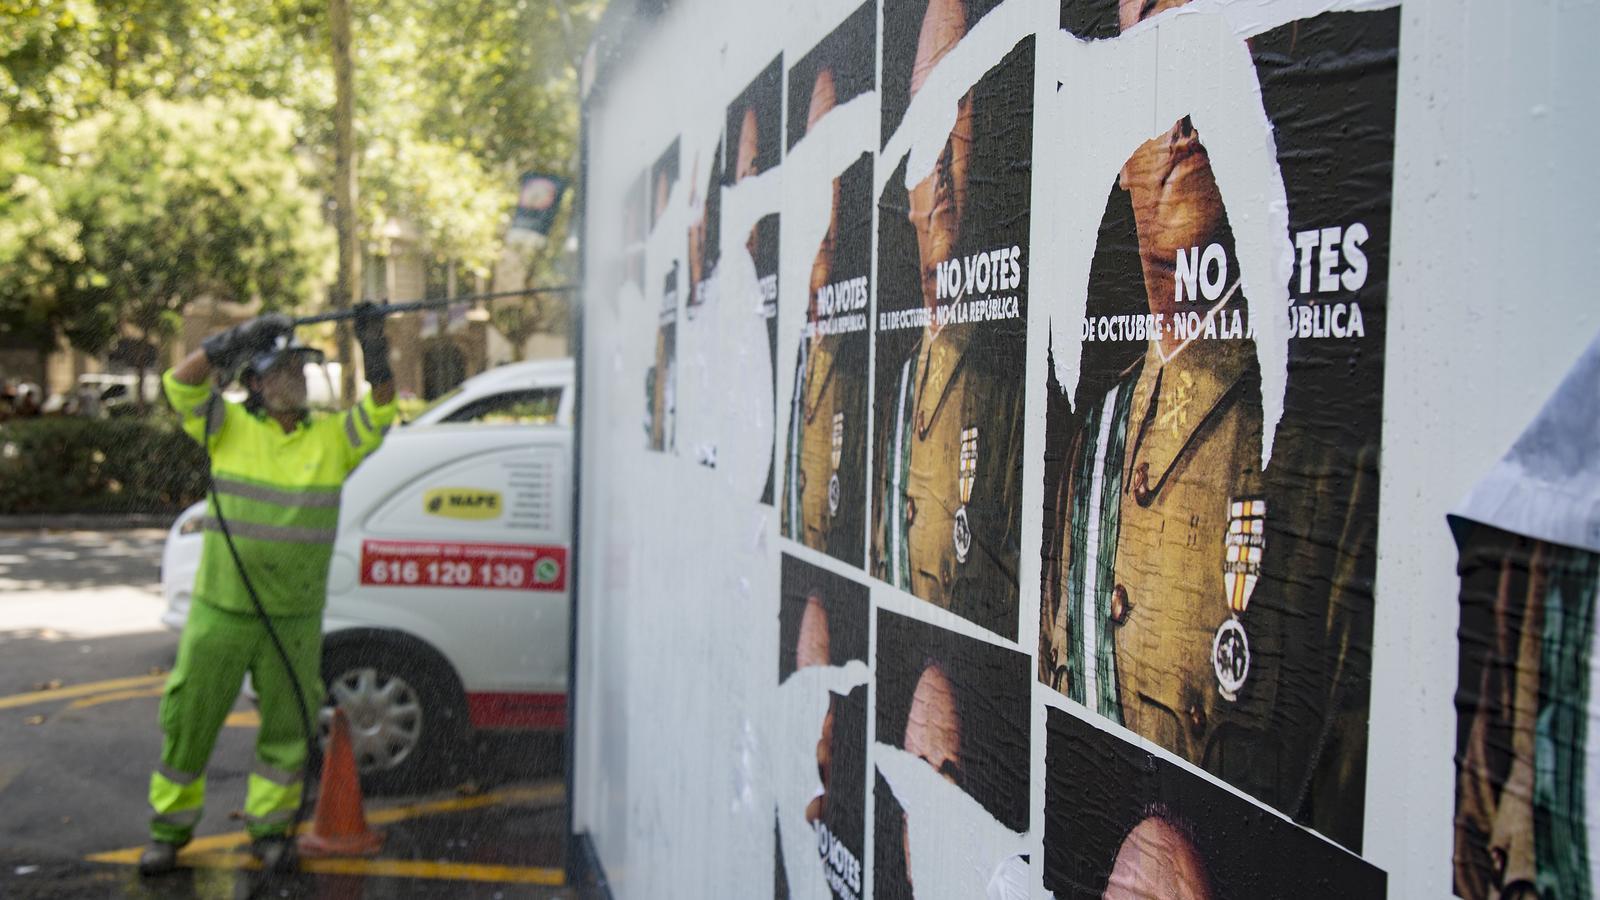 Un operari de l'Ajuntament de Barcelona retira els cartells de la campanya al passeig de Sant Joan / FRANCESC MELCION